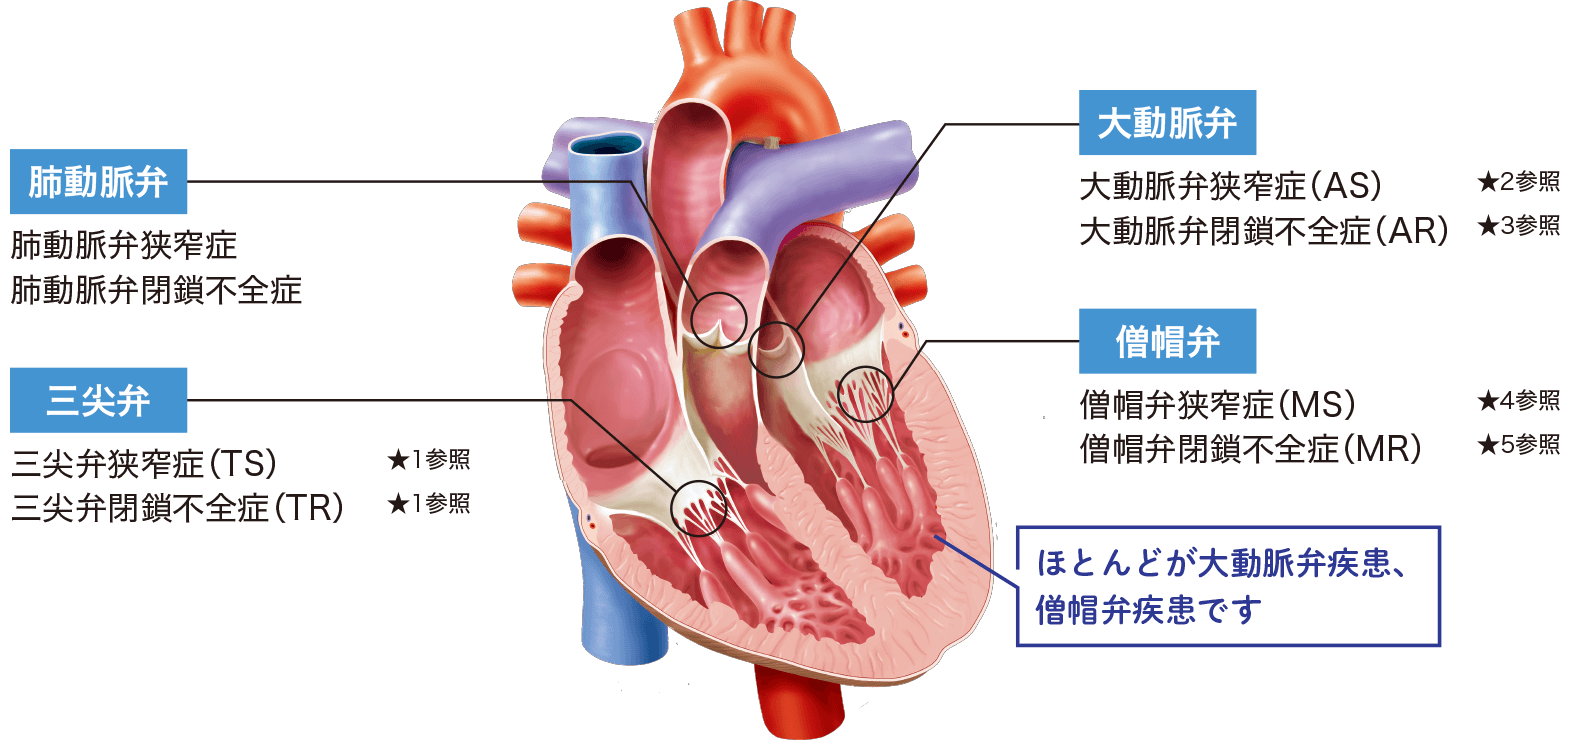 心臓弁膜症の分類_肺動脈弁_三尖弁_大動脈弁_僧帽弁